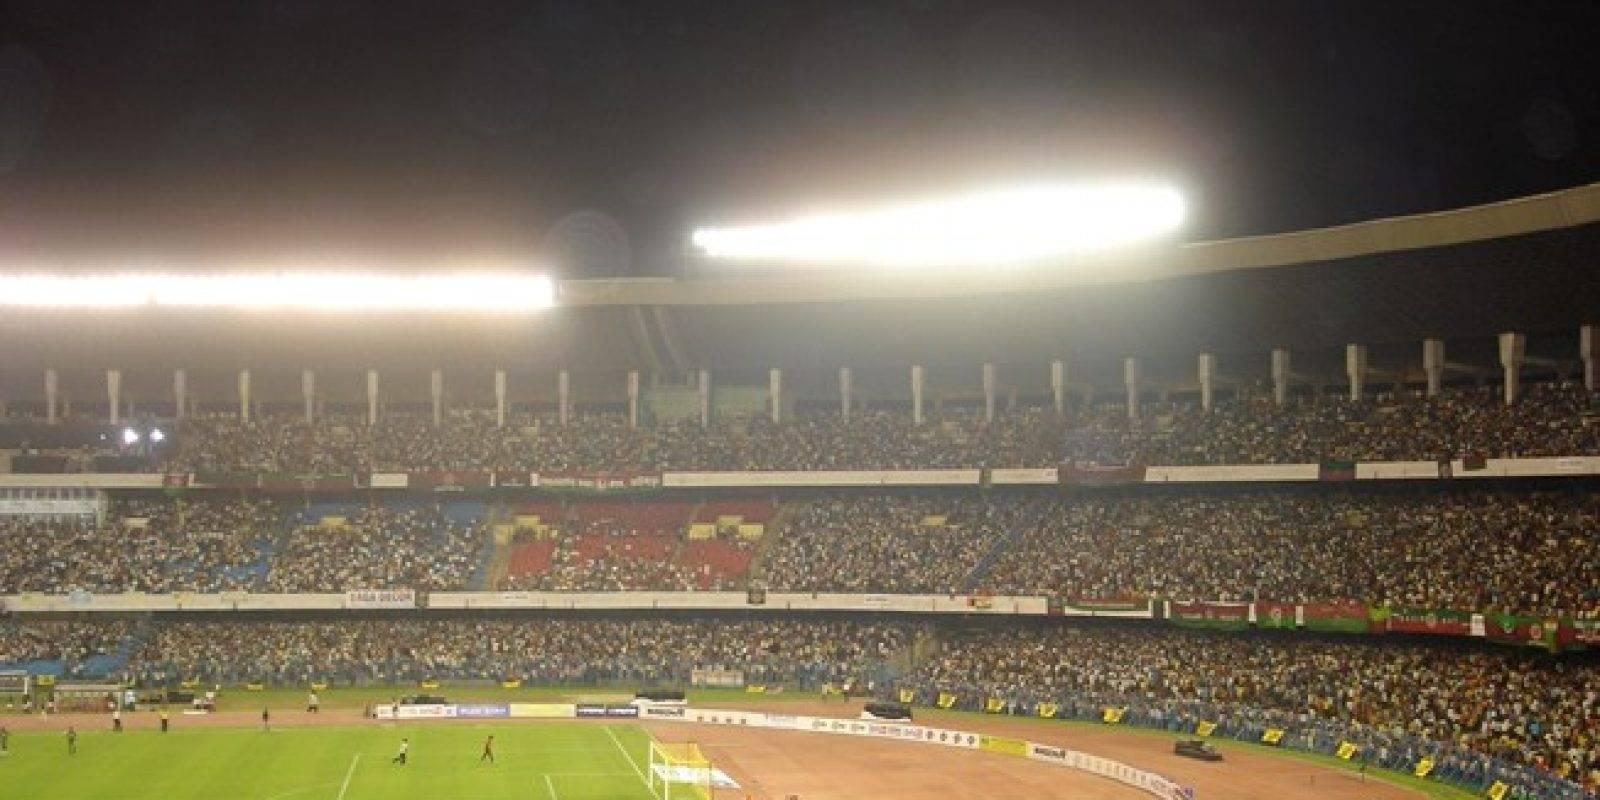 Yuva Bharti Krirangan (Calcuta): También conocido como Salt Lake Stadium, es uno de los estadios de fútbol más grande del mundo y el con mayor capacidad de India. Aunque en un momento albergó 120 mil espectadores, las distintas reformas que le han realizado lo tienen en 85 mil asistentes. Recibe los partidos de Mohun Bagan y East Bengal, de la primera división de India, y diversos encuentros de cricket